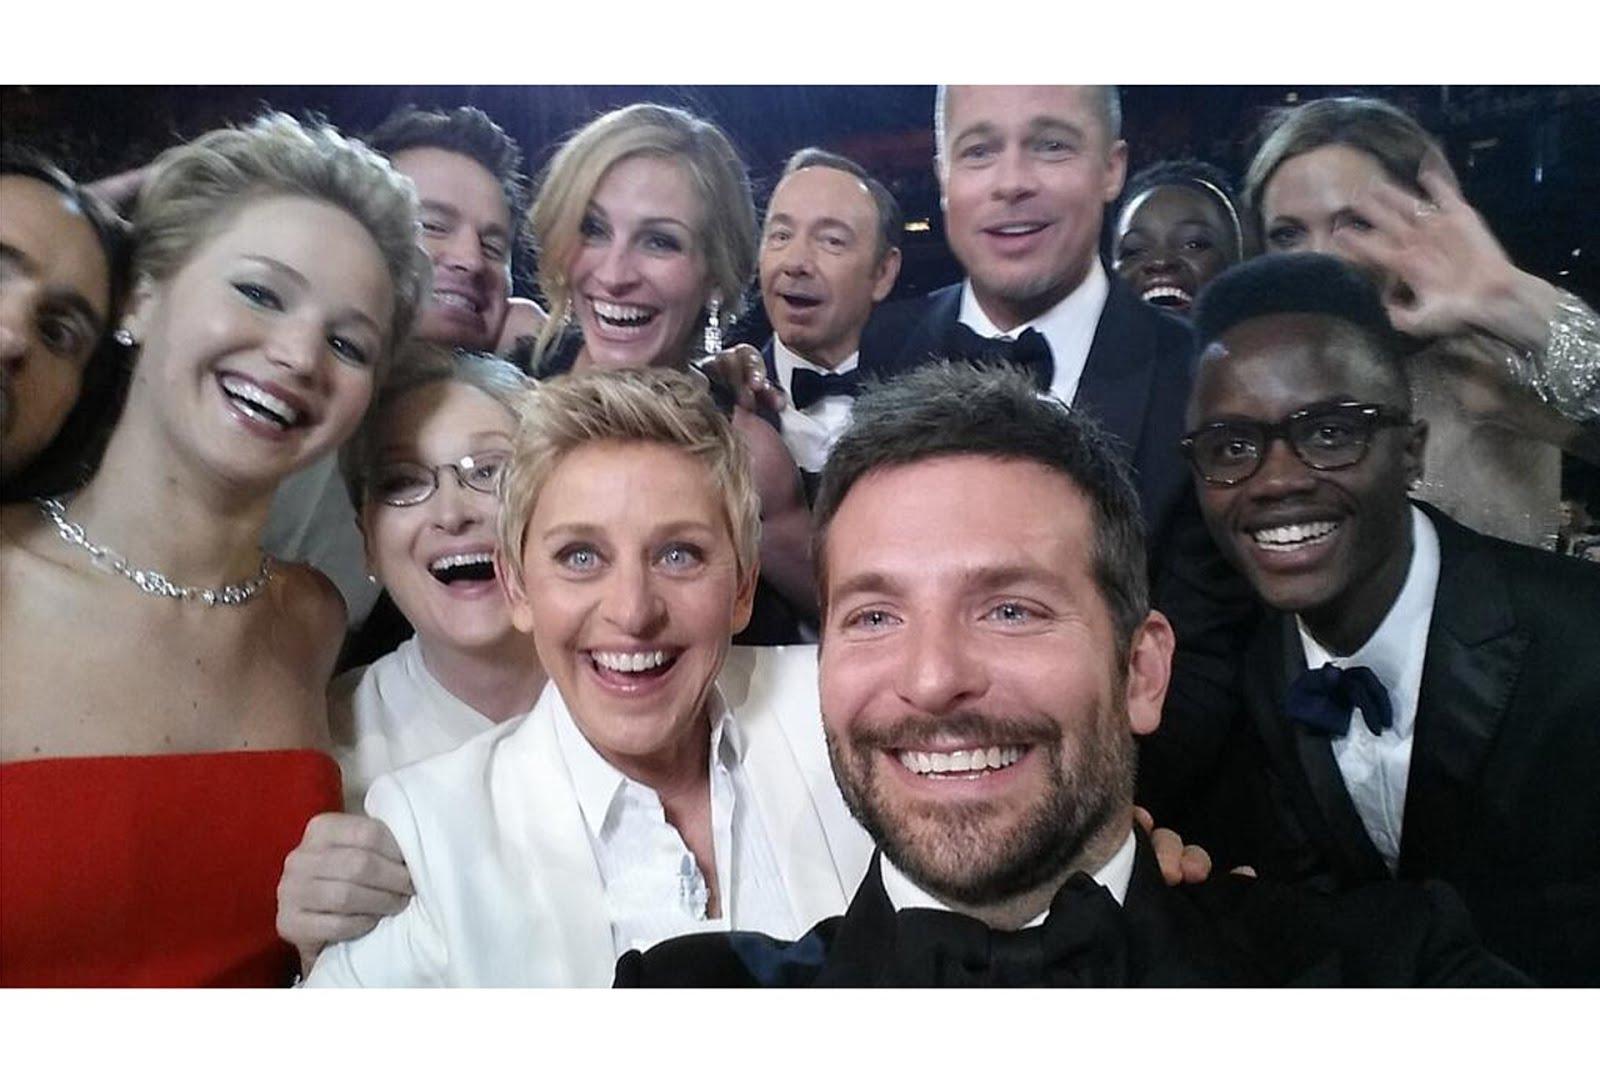 Ellen-Degeneres-selfie-Vogue-3March14-Twitter_b.jpg